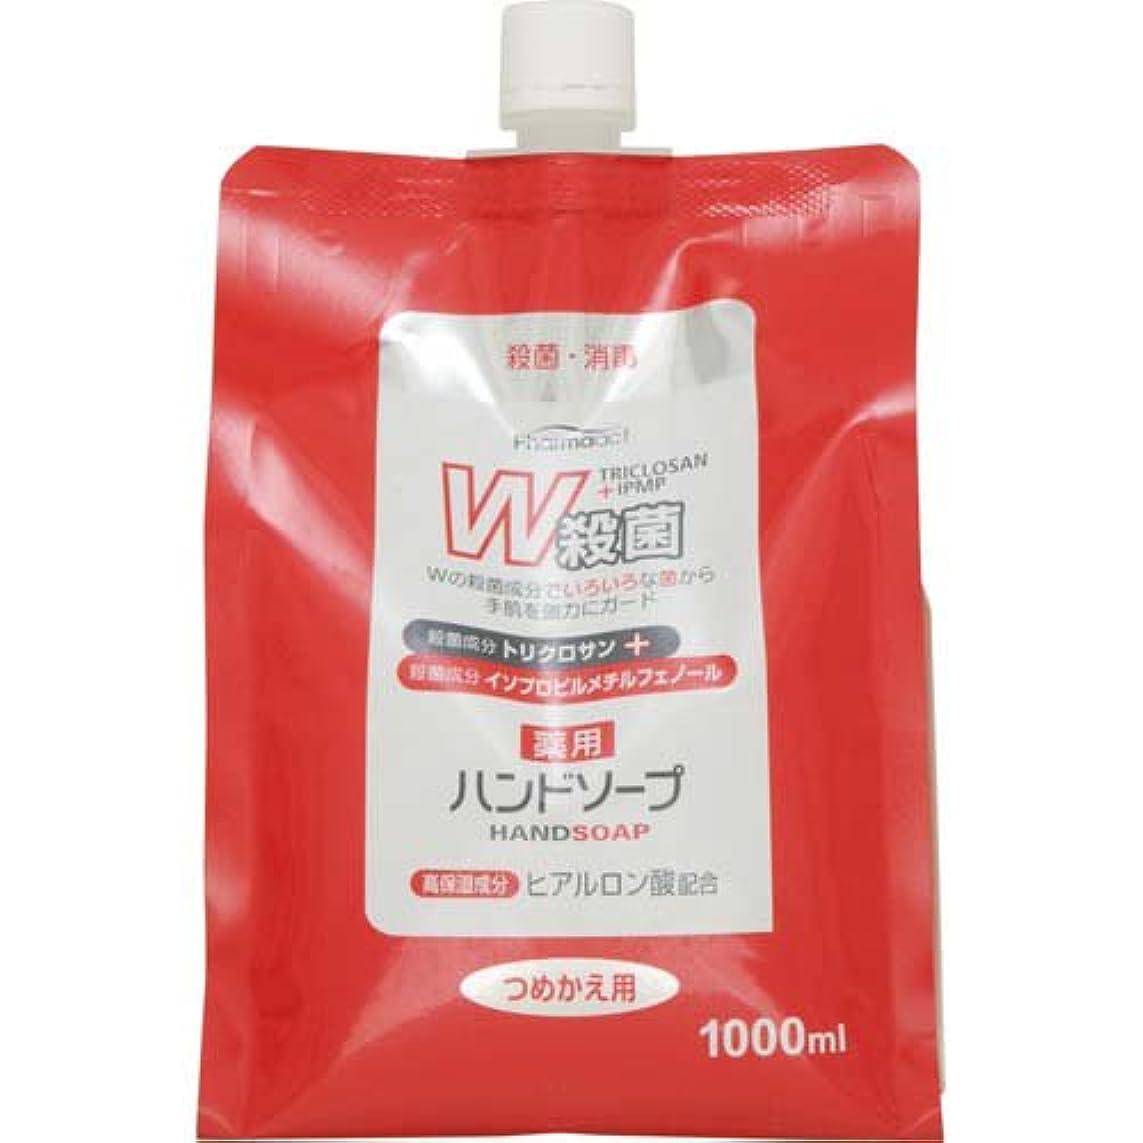 時々砂炭水化物ファーマアクト W殺菌薬用ハンドソープ スパウト付き詰替 1000ml